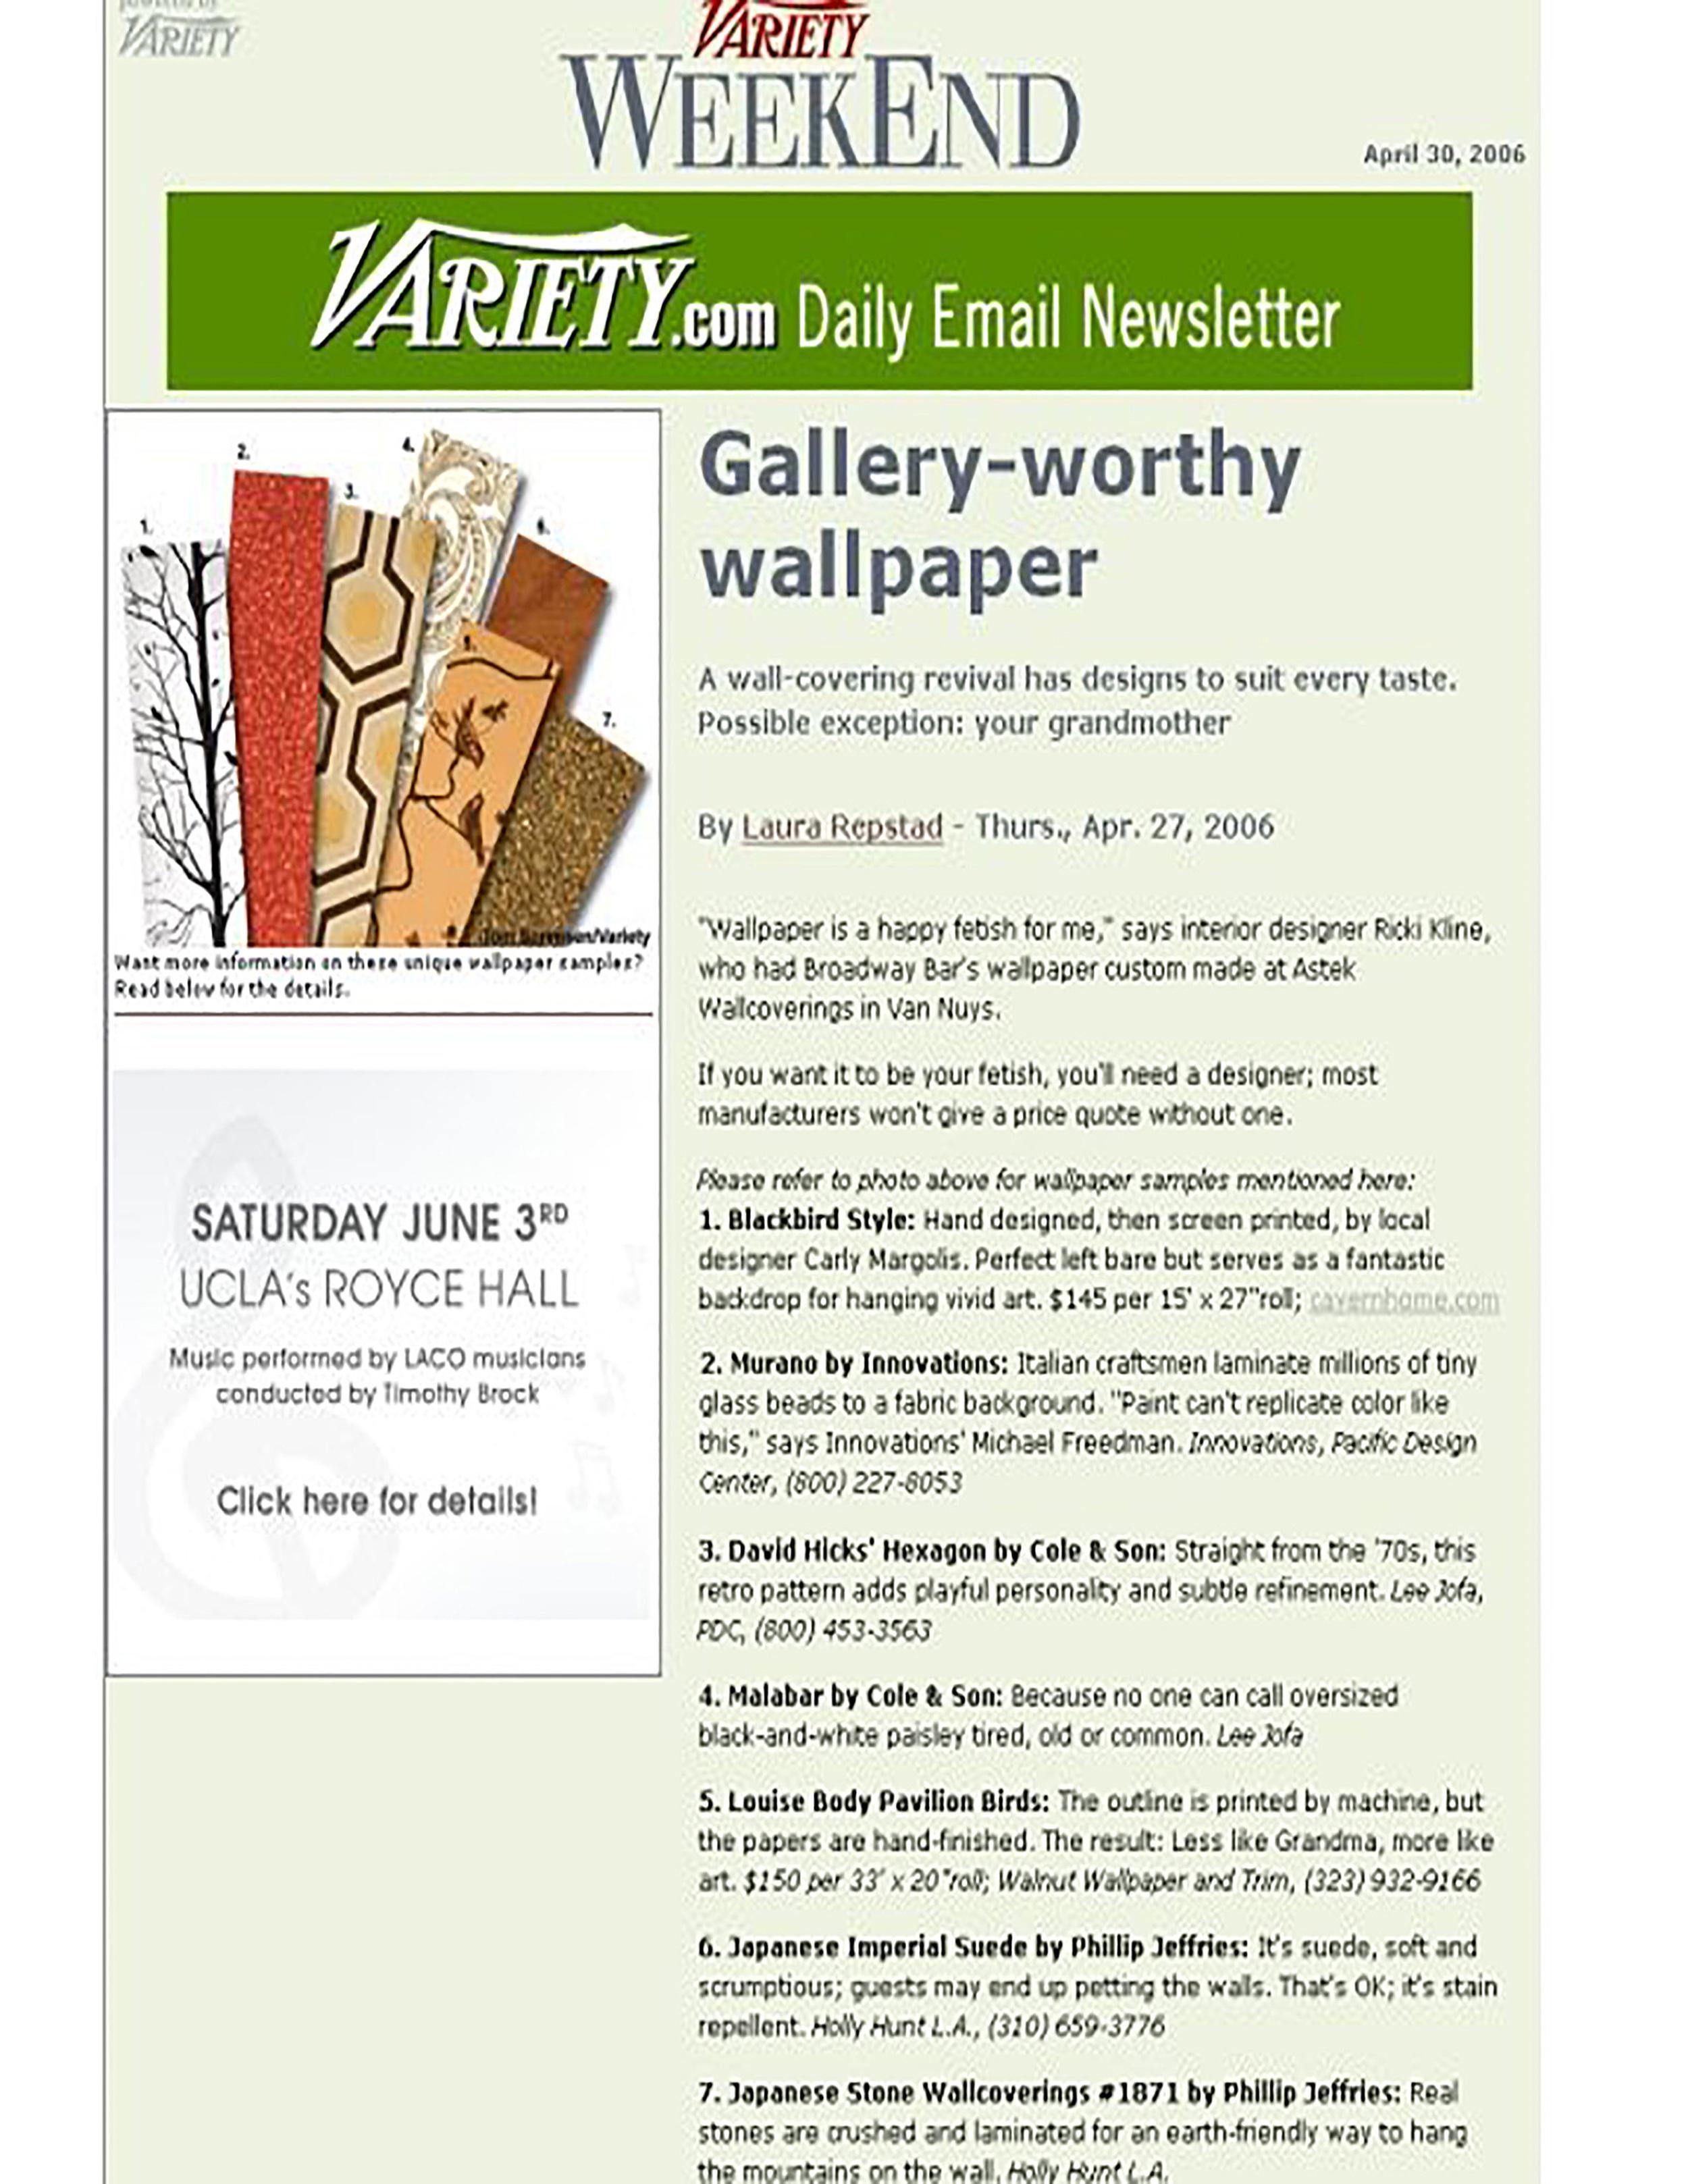 Variety Weekend April 2006